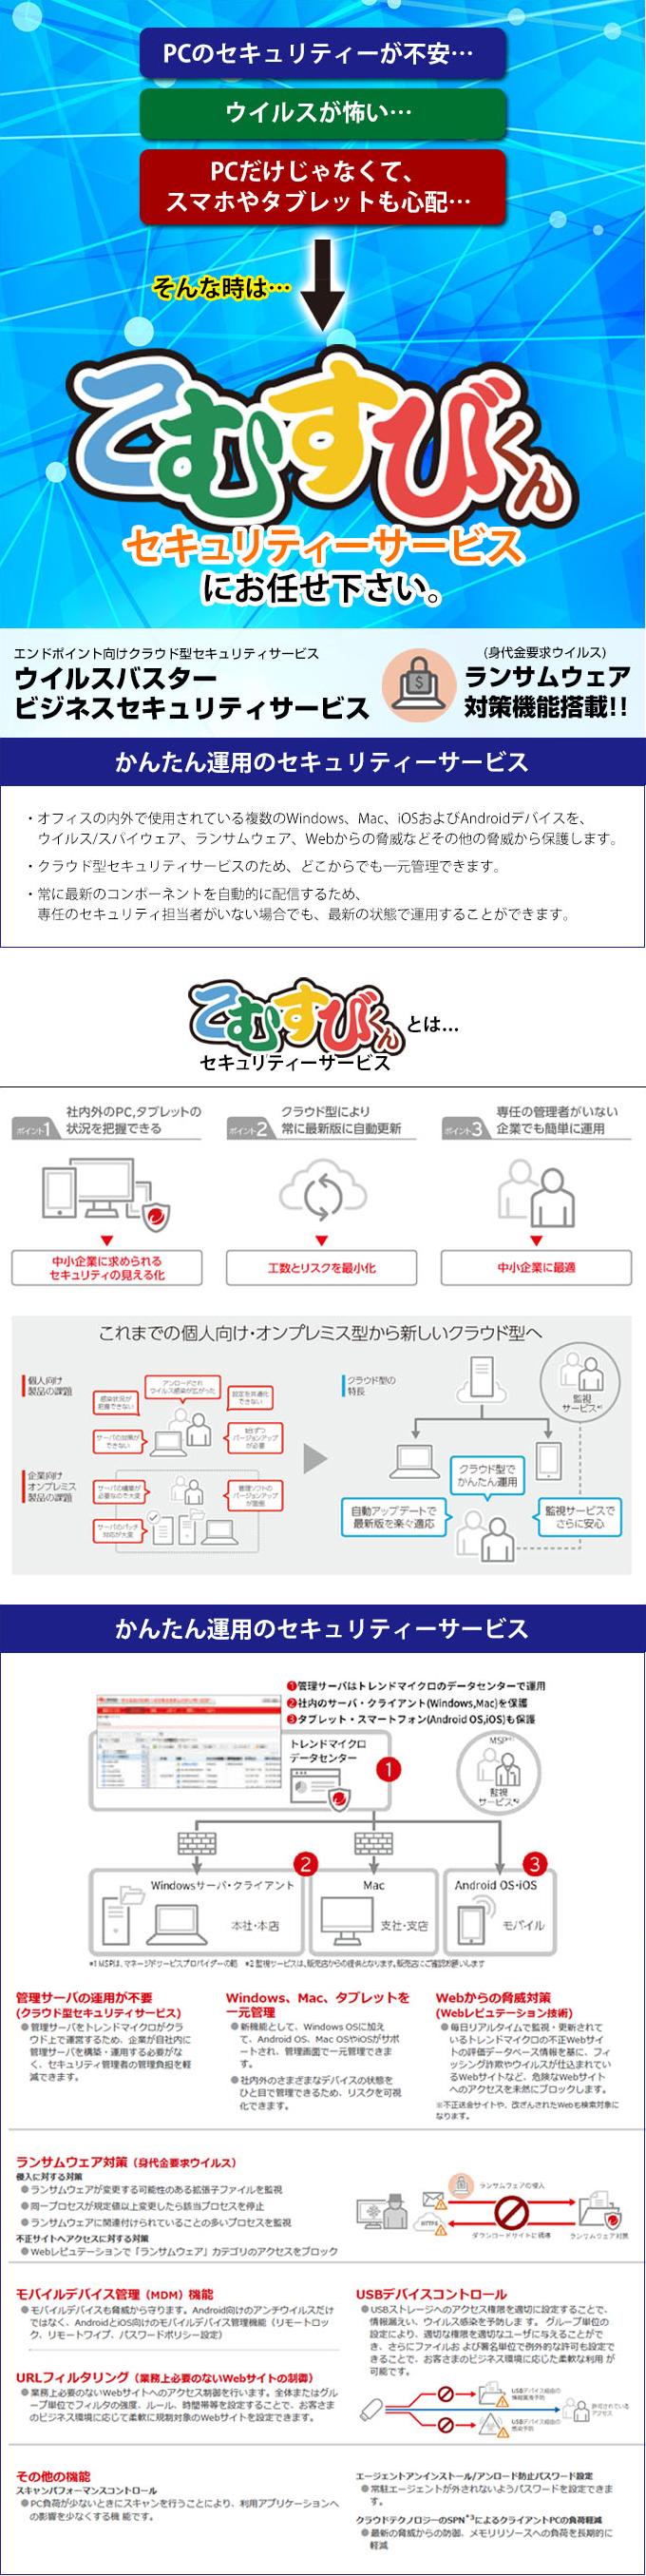 ウェブティ 多言語化サービス